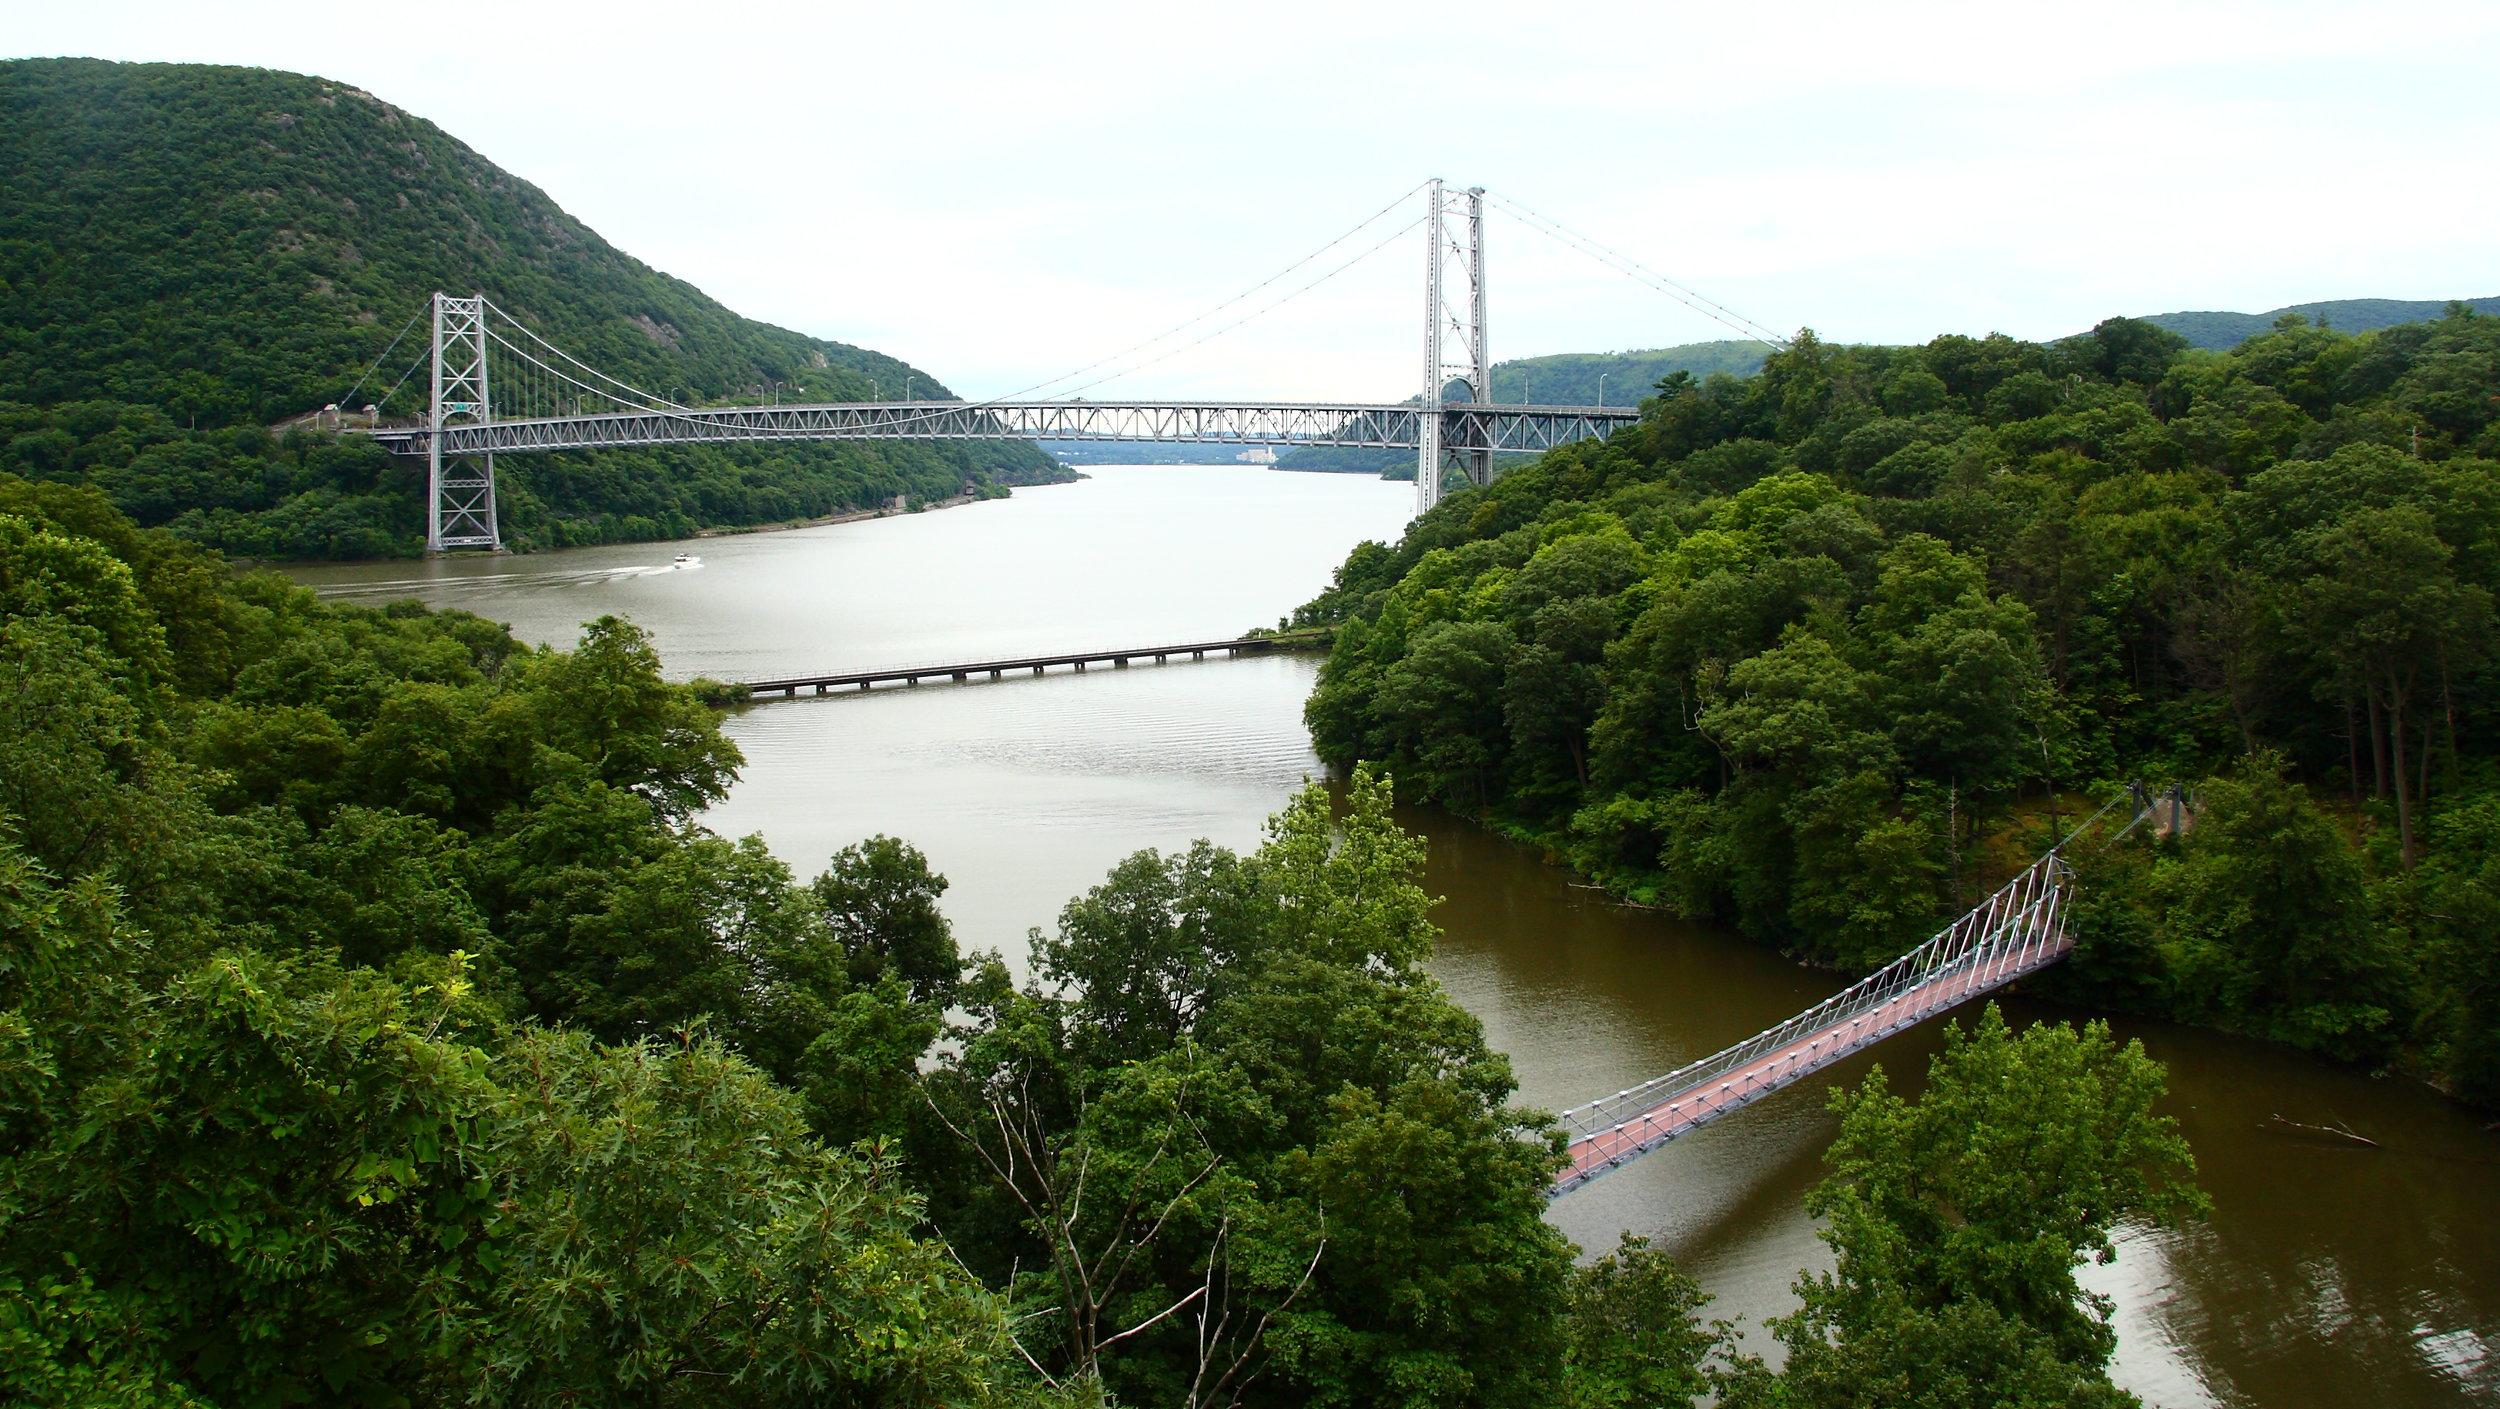 Bear_Mountain_Bridge_over_Hudson_River_in_New_York.jpg